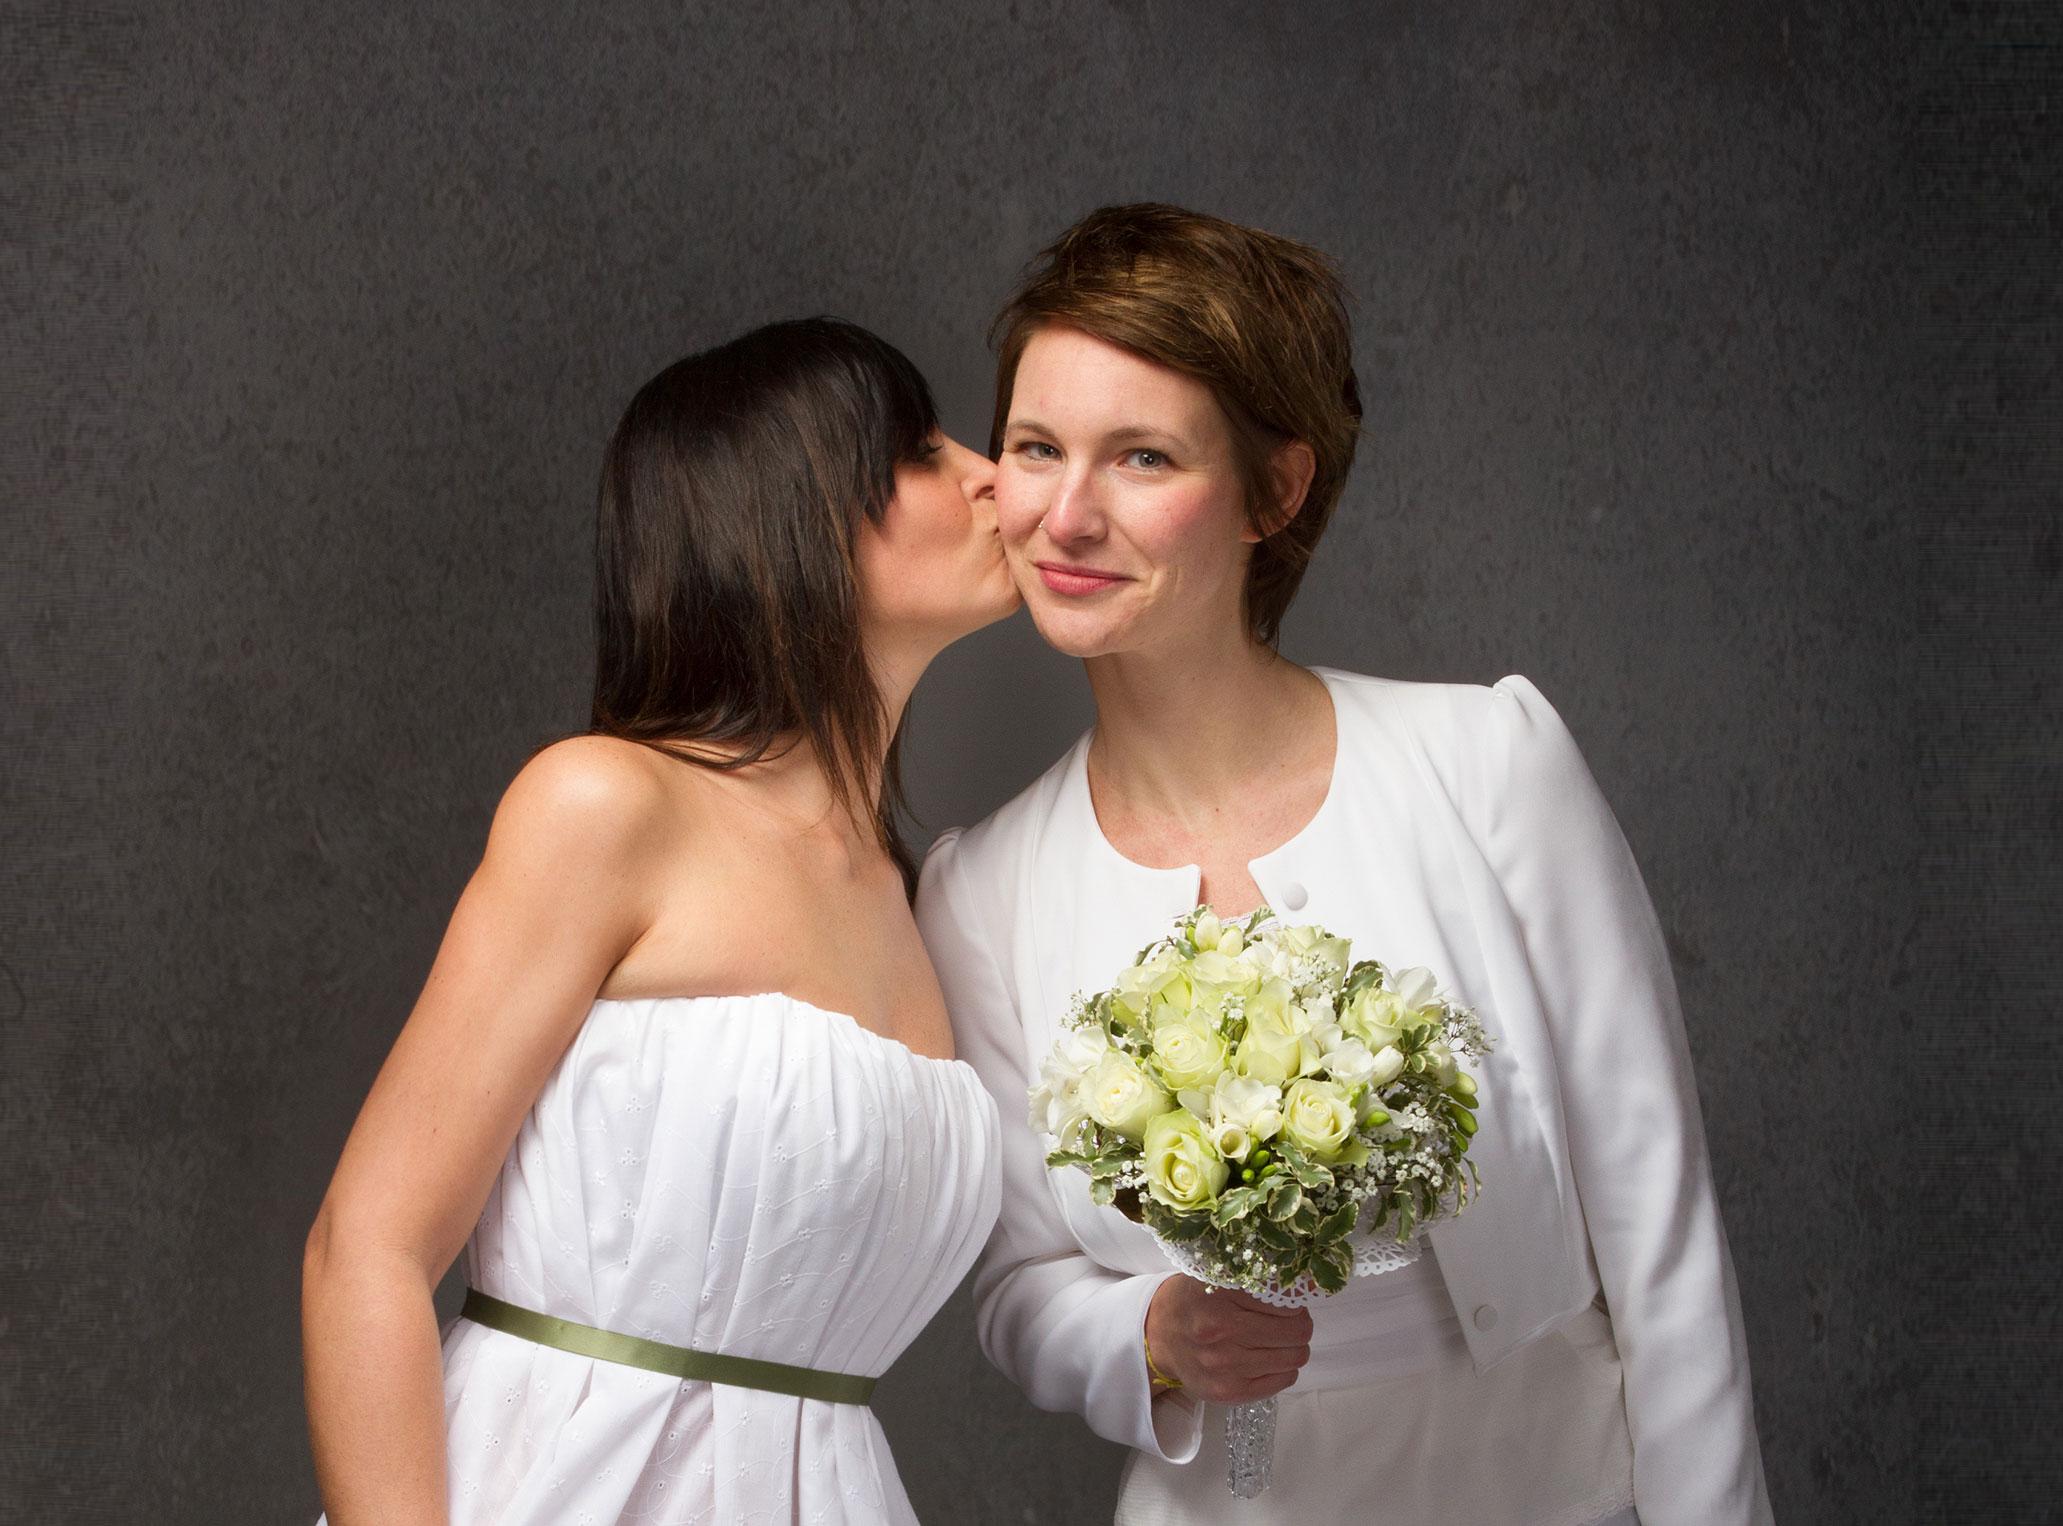 lkm-same-sex-marriages-sm.jpg